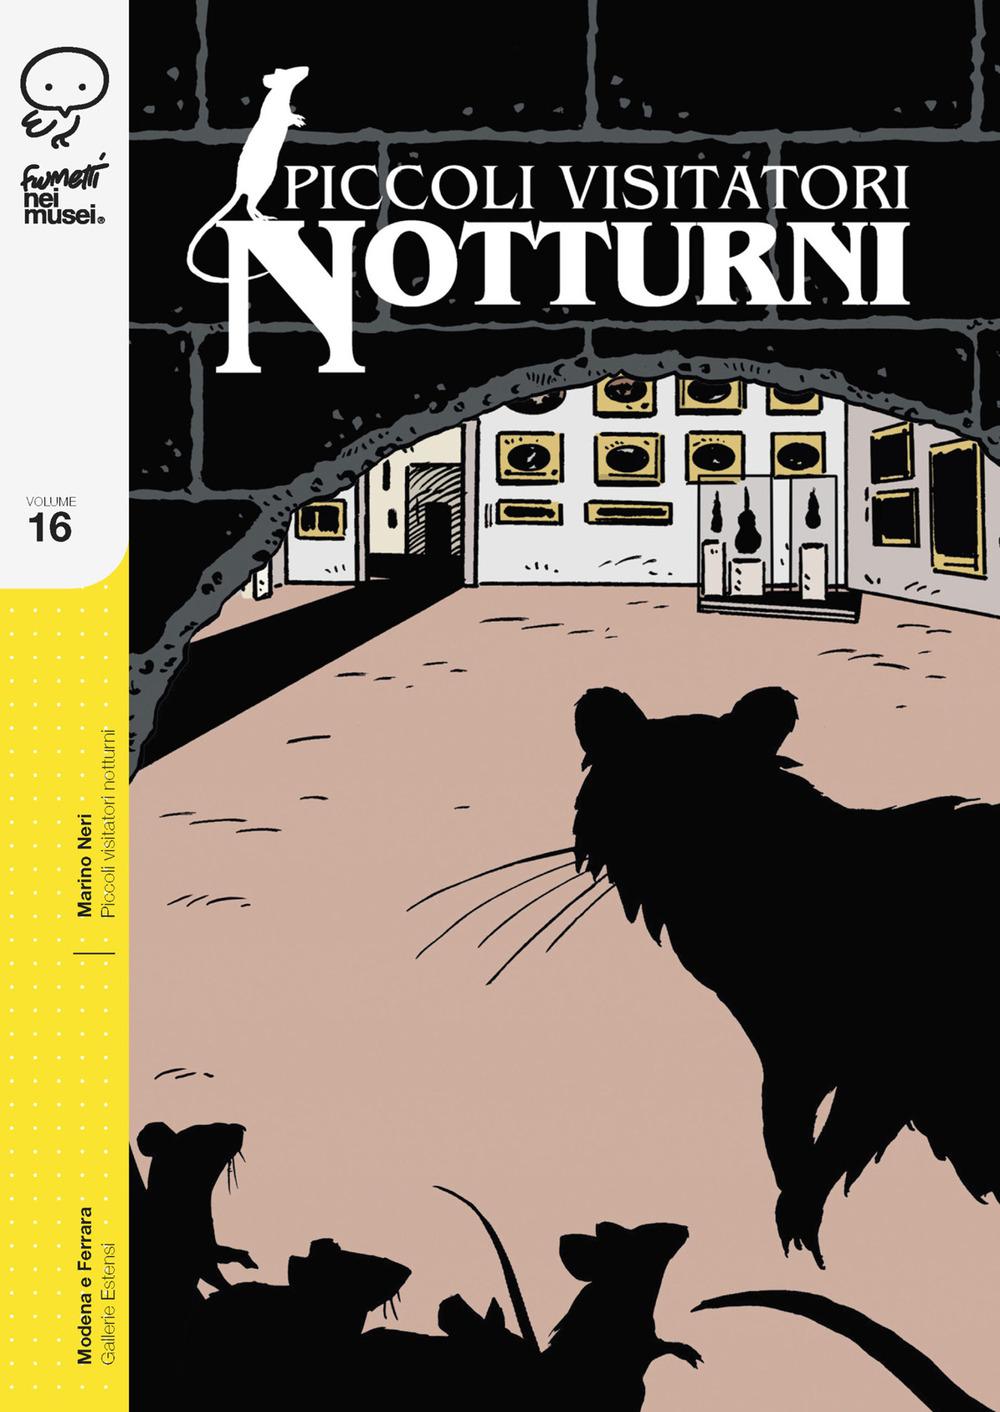 PICCOLI VISITATORI NOTTURNI vol.16